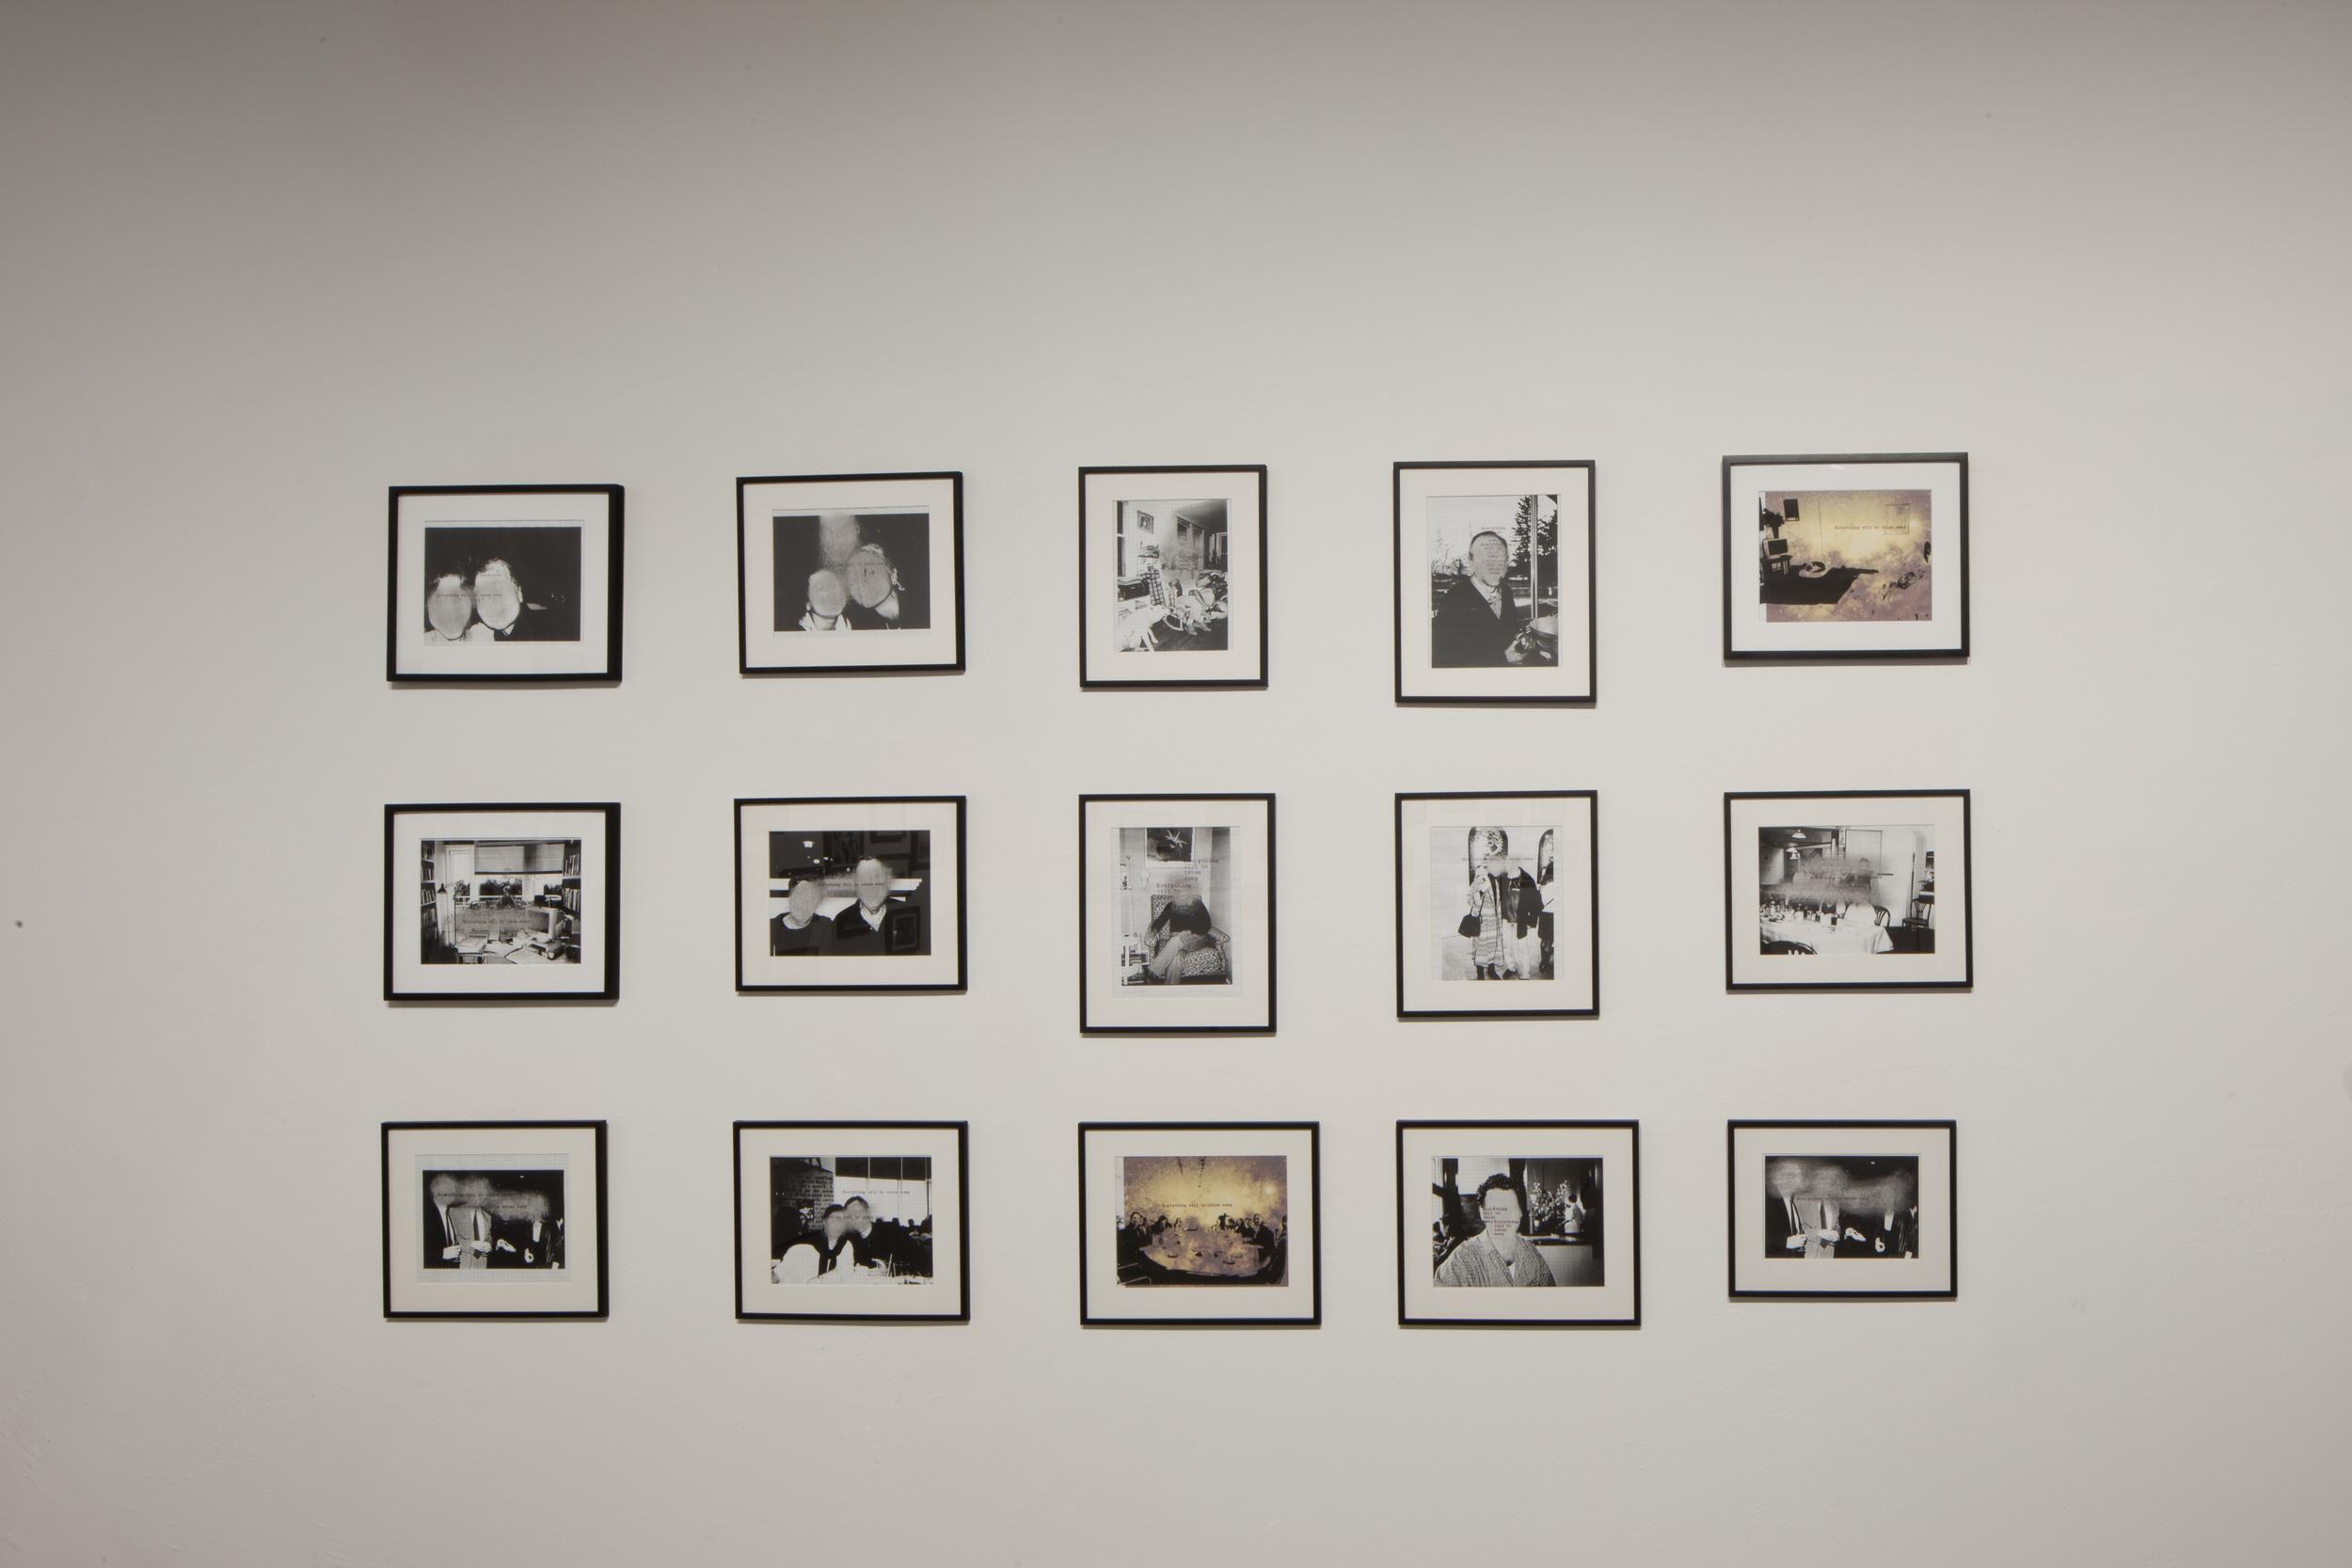 Adrian Piper -Everything 21, 2010-2013.  Photo by Alessandra Chemollo -Courtesy La Biennale di Venezia